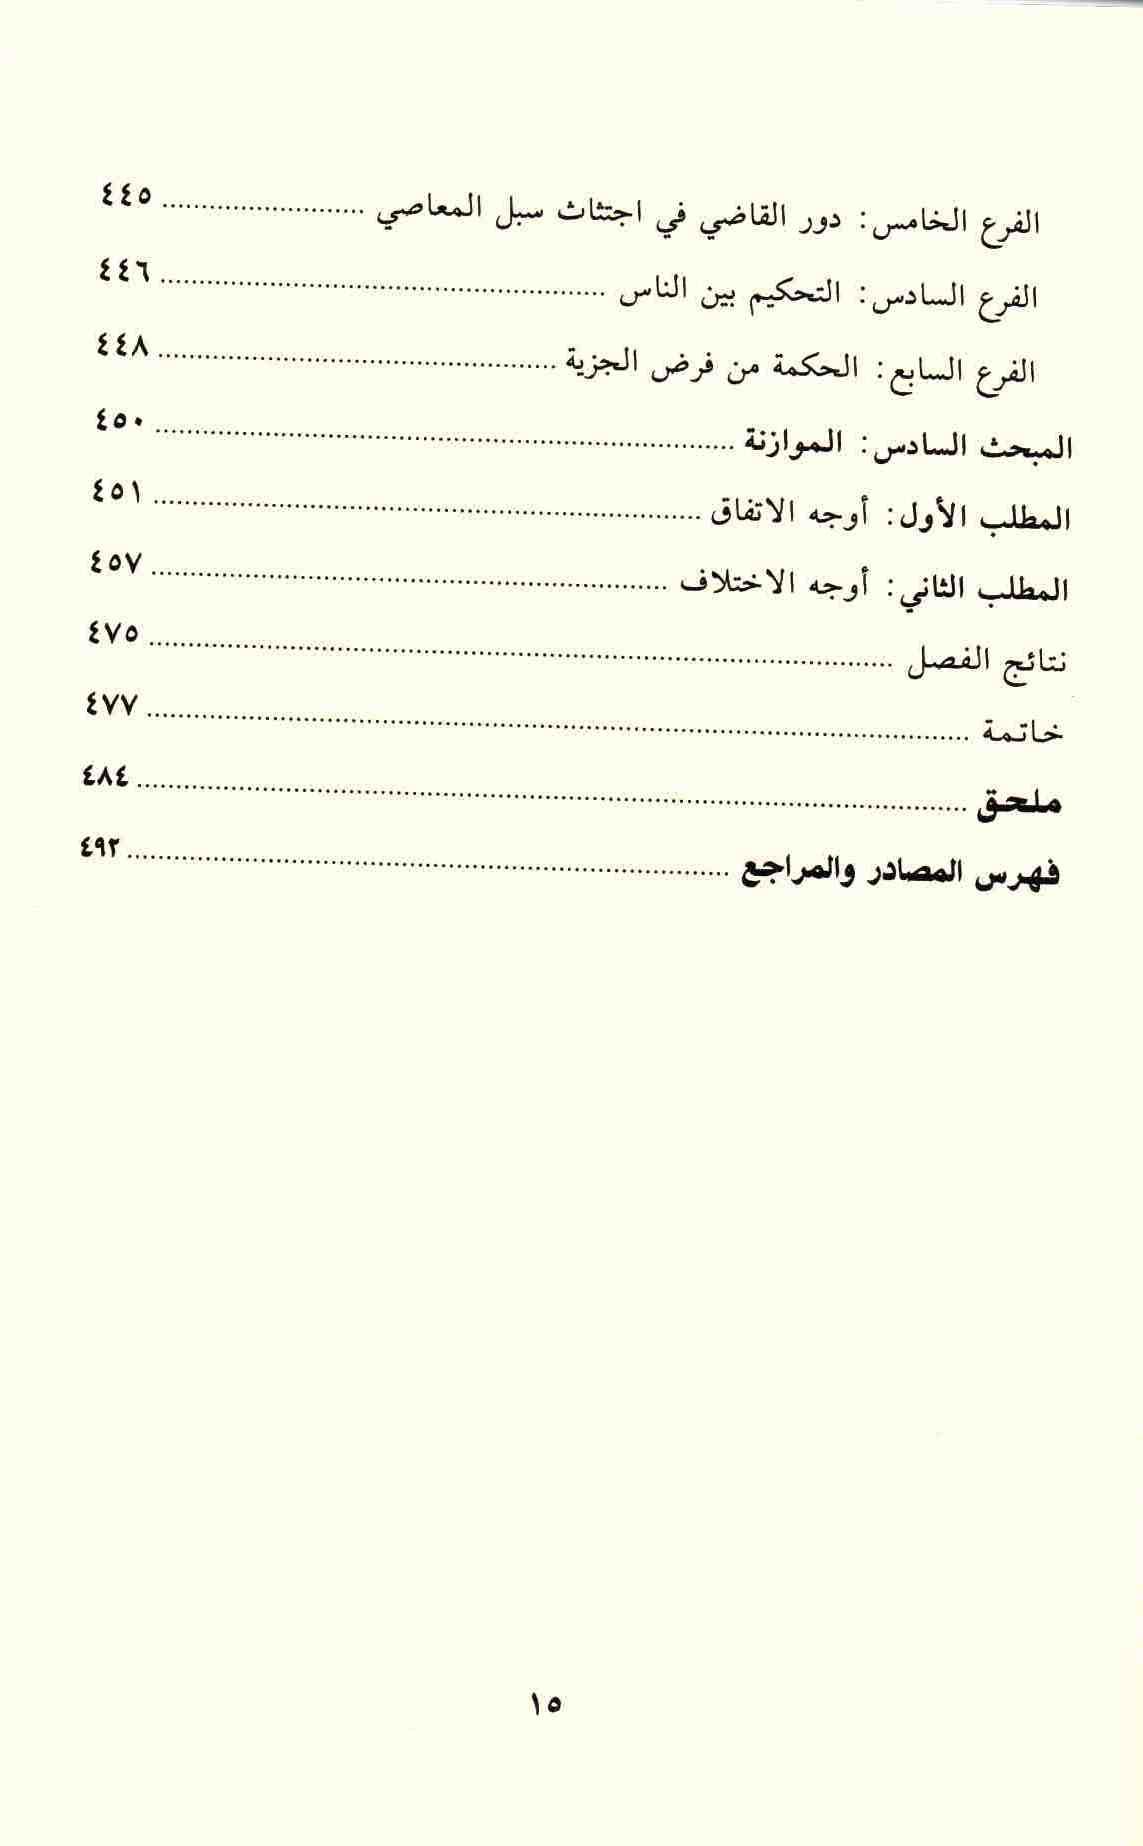 ص15محتويات كتاب التفسير المصلحي